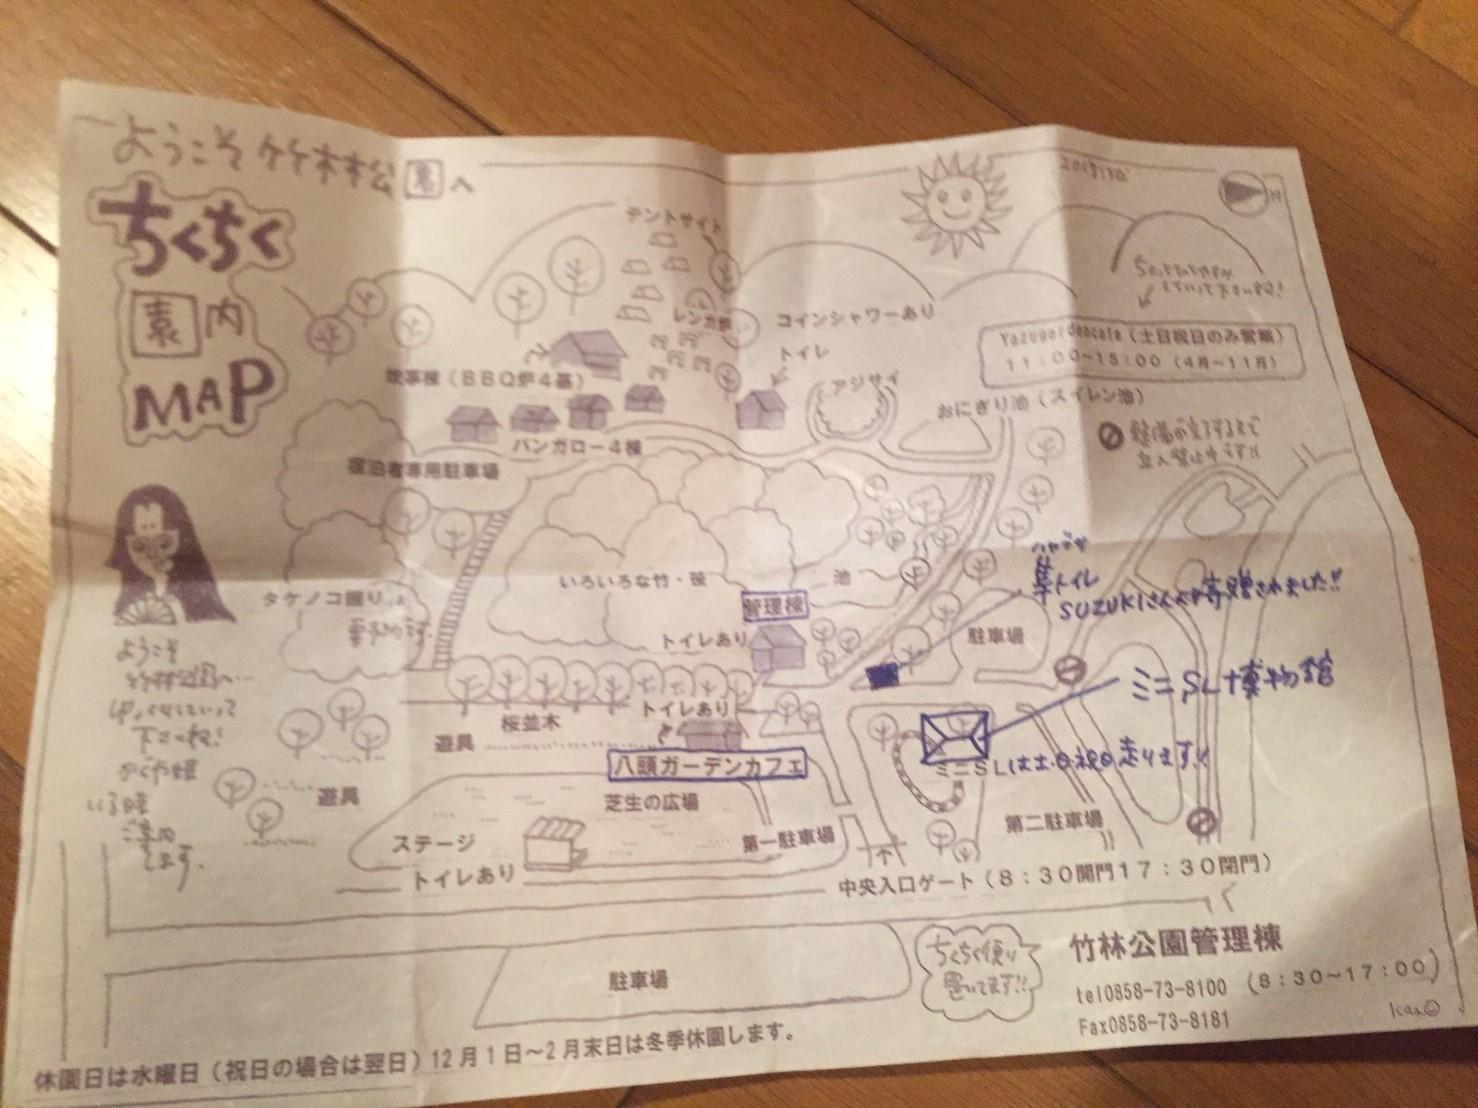 BBQキャンプ@船岡竹林公園_e0115904_04144165.jpg